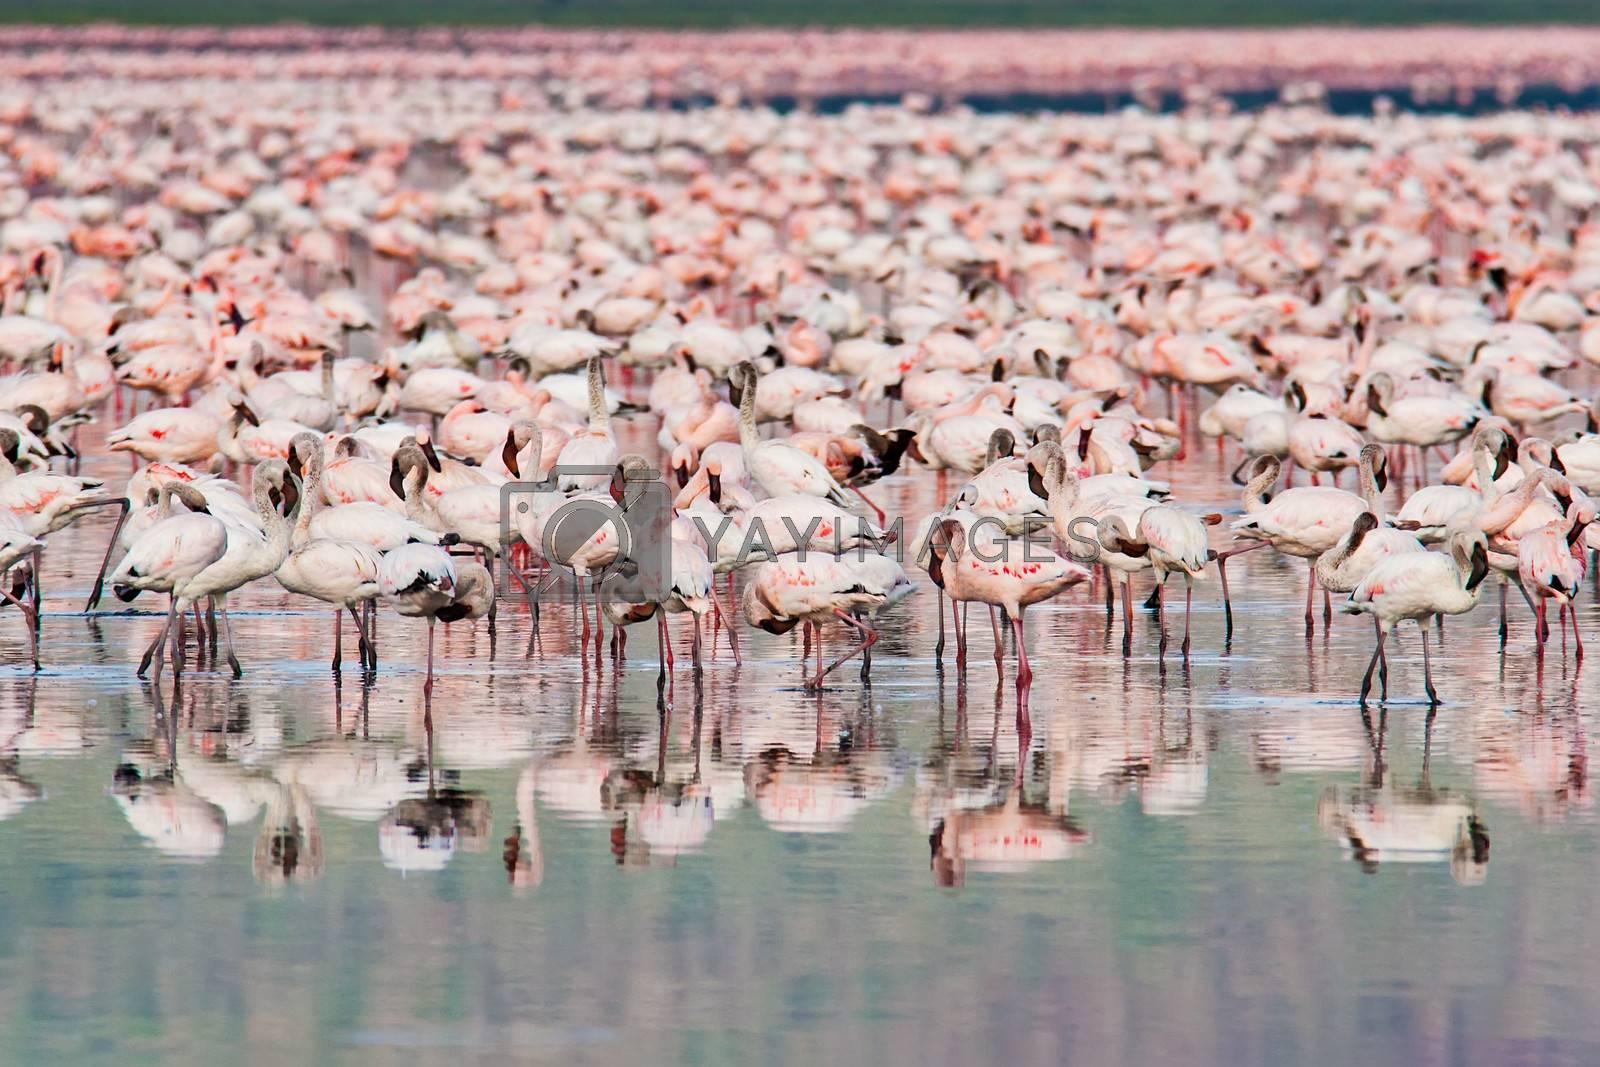 Royalty free image of Thousands of Flamingos on Lake Nakuru by ajn